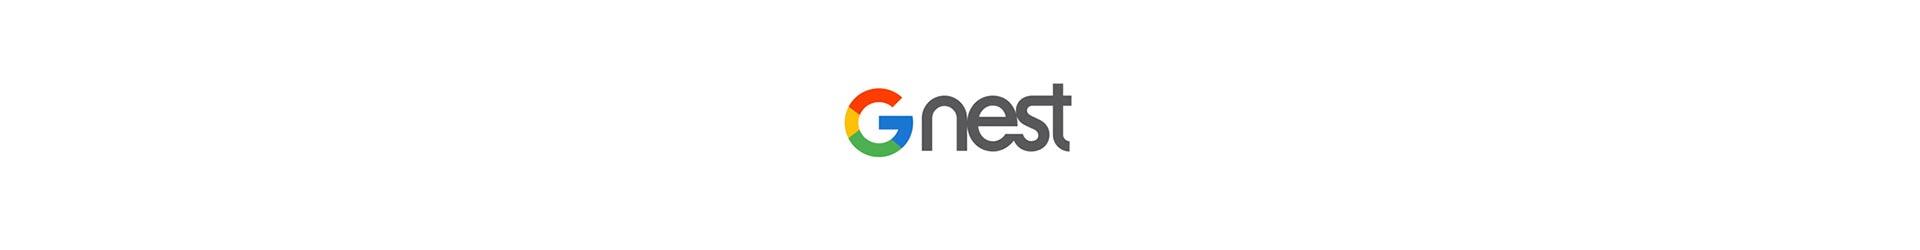 Gnest-Banner